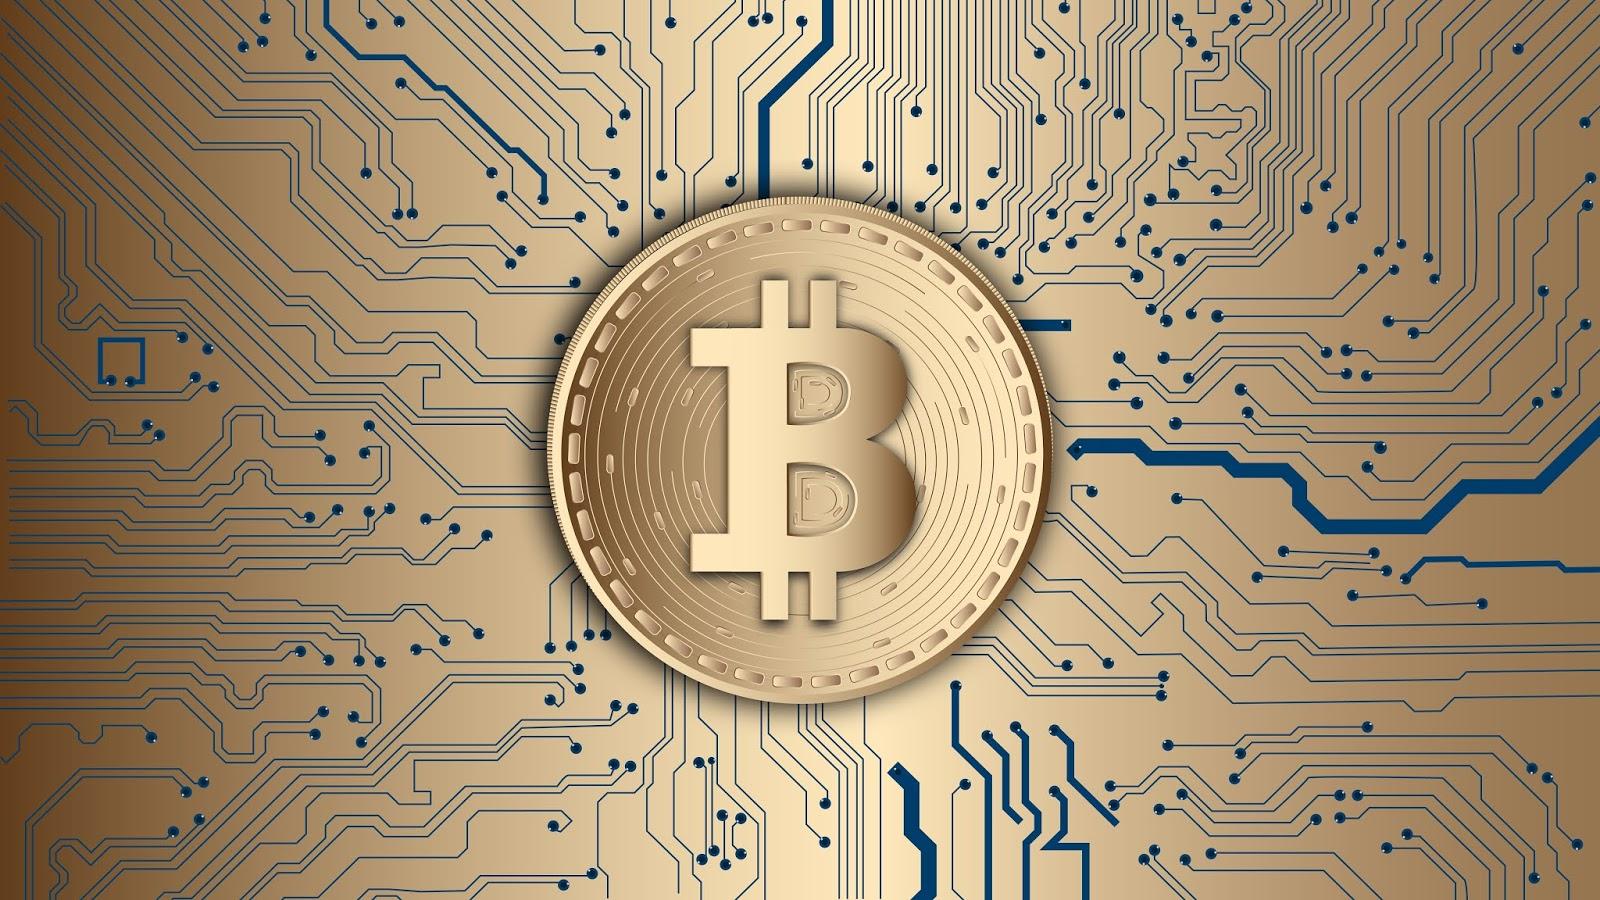 Apa itu Cryptocurrency? - Definisi, Cara Kerja, dan Nilai ...